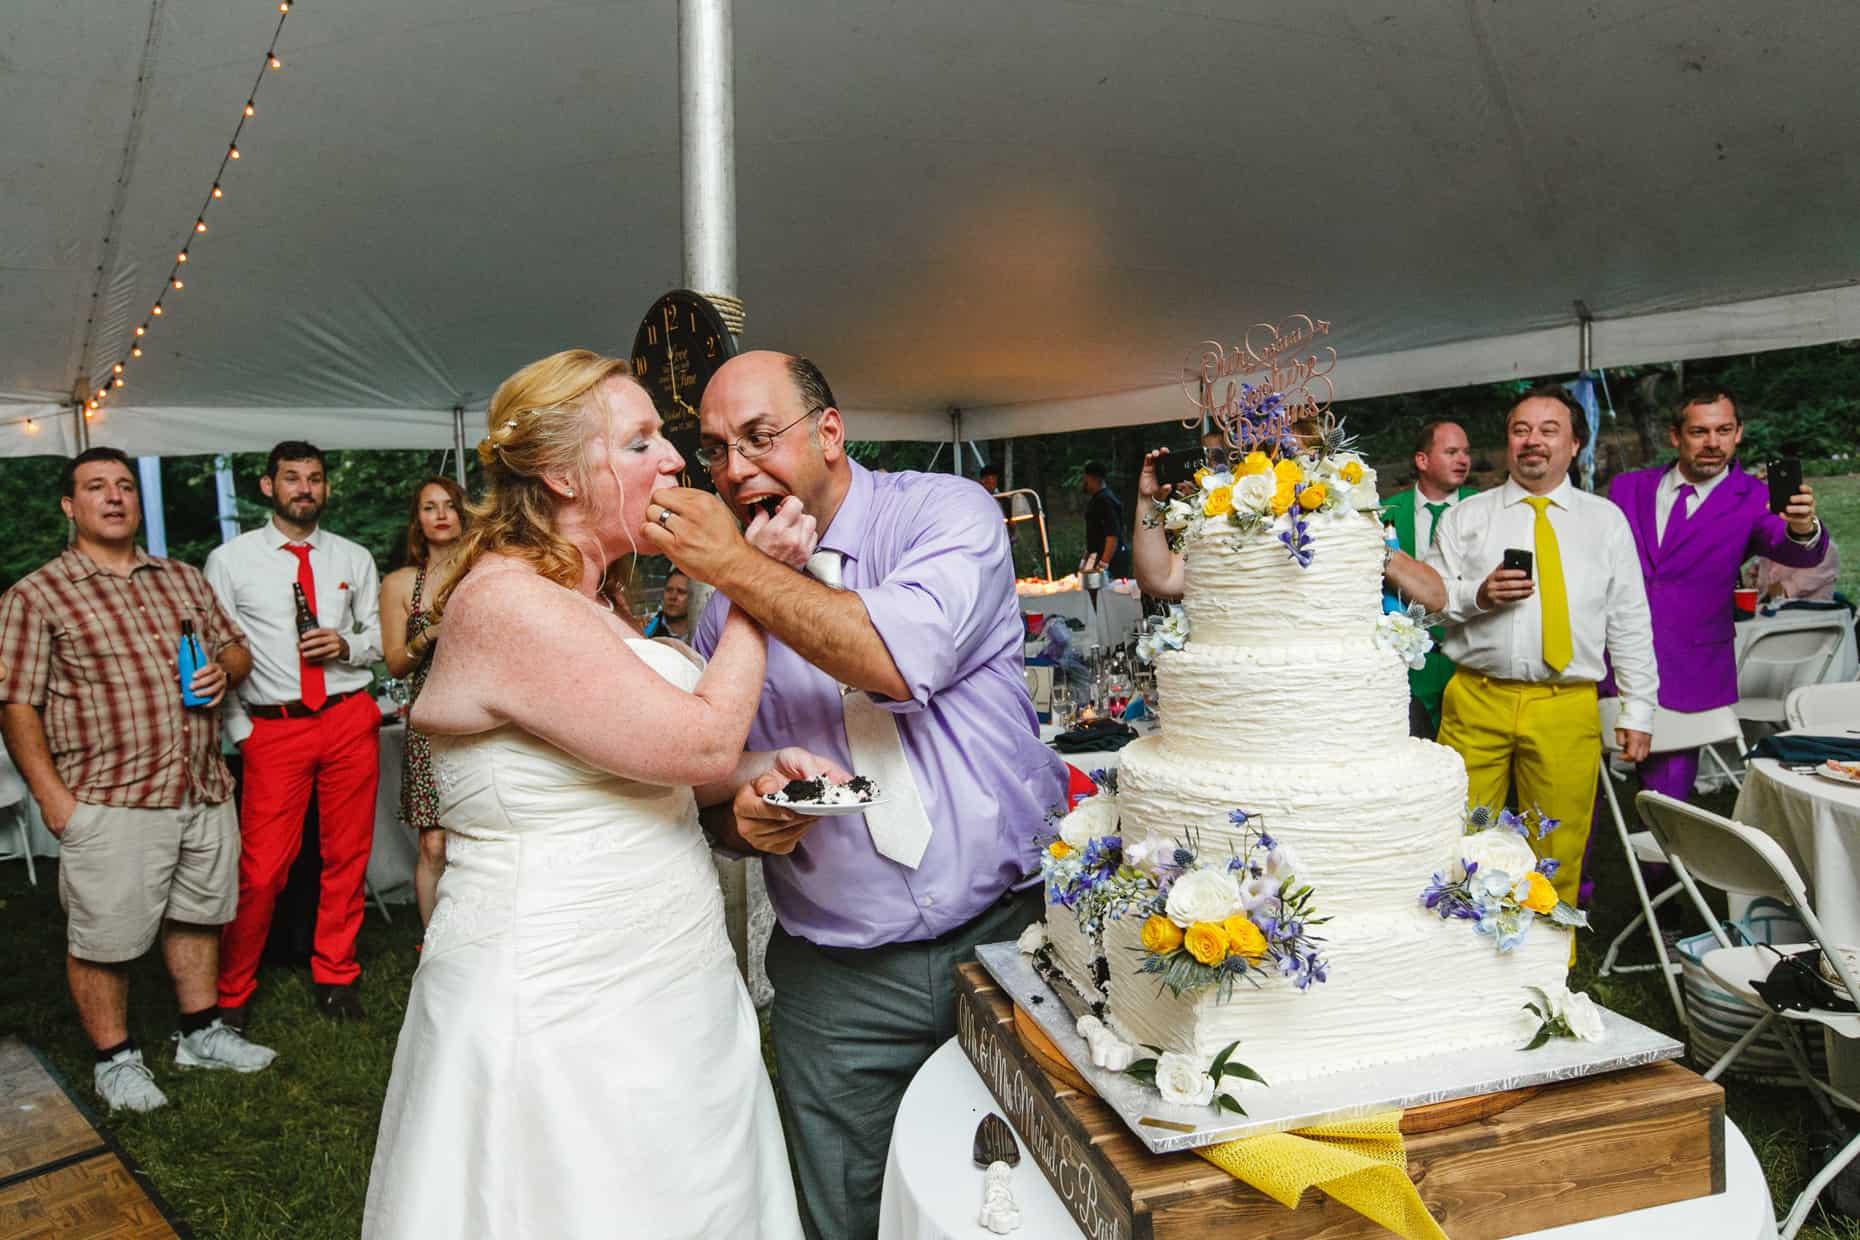 Rustic Farm Weddings